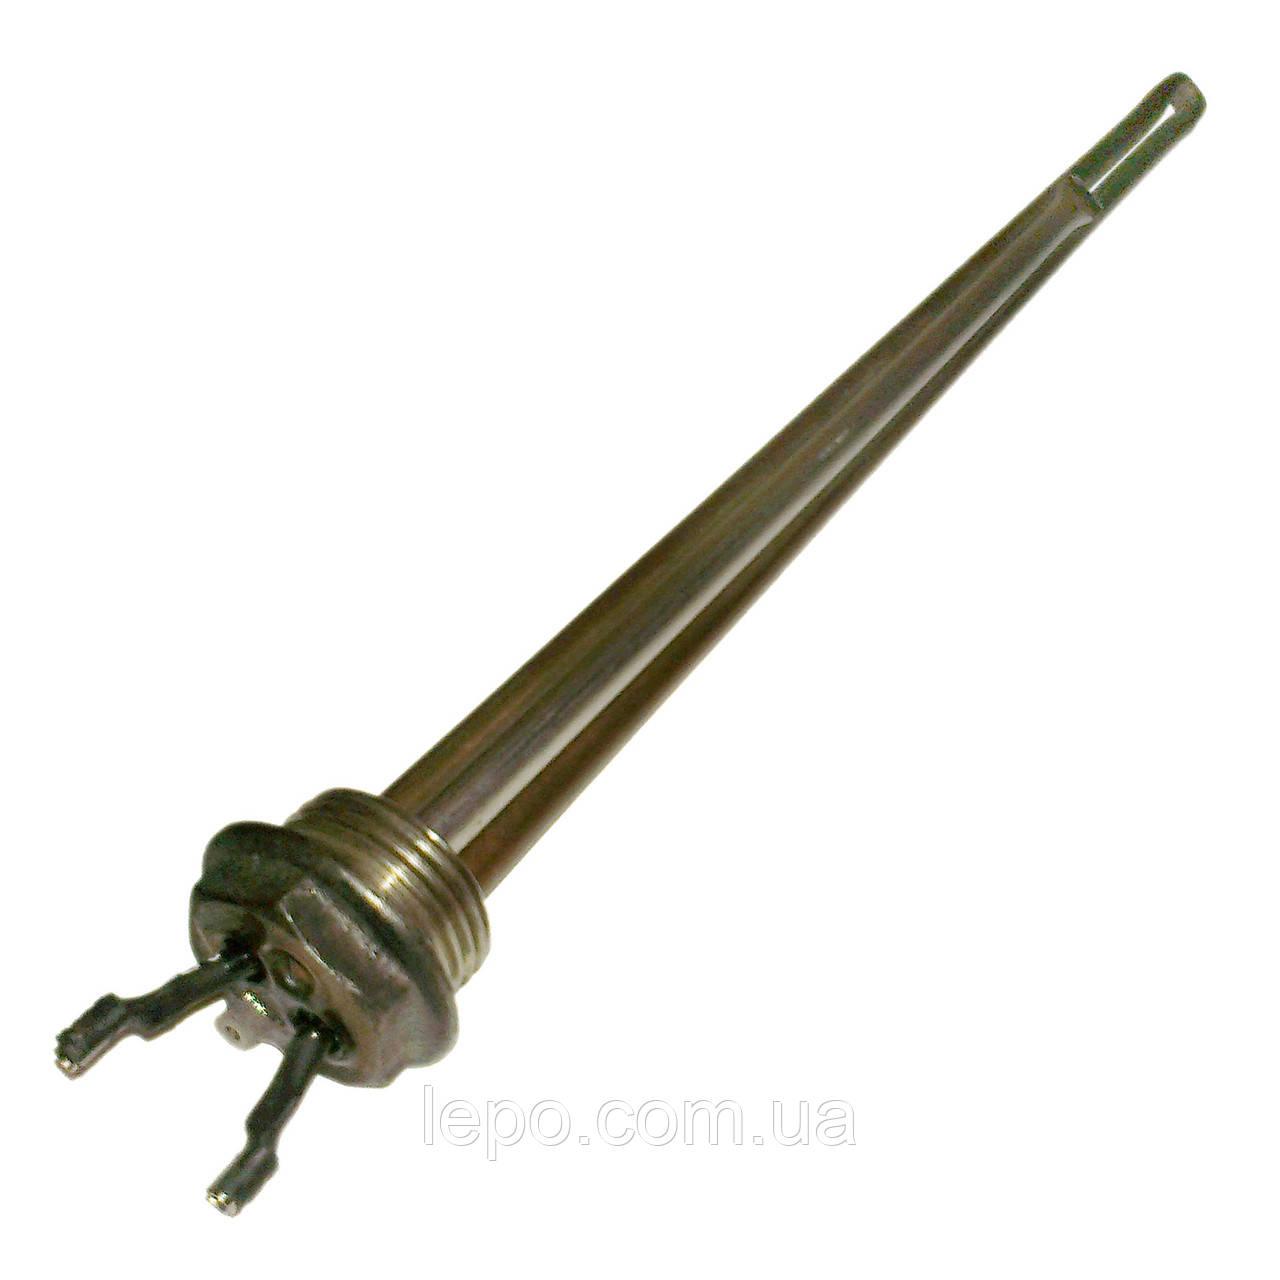 ТЭН 1,2кВт 1200Вт для радиатора, водонагревателя (бойлера)